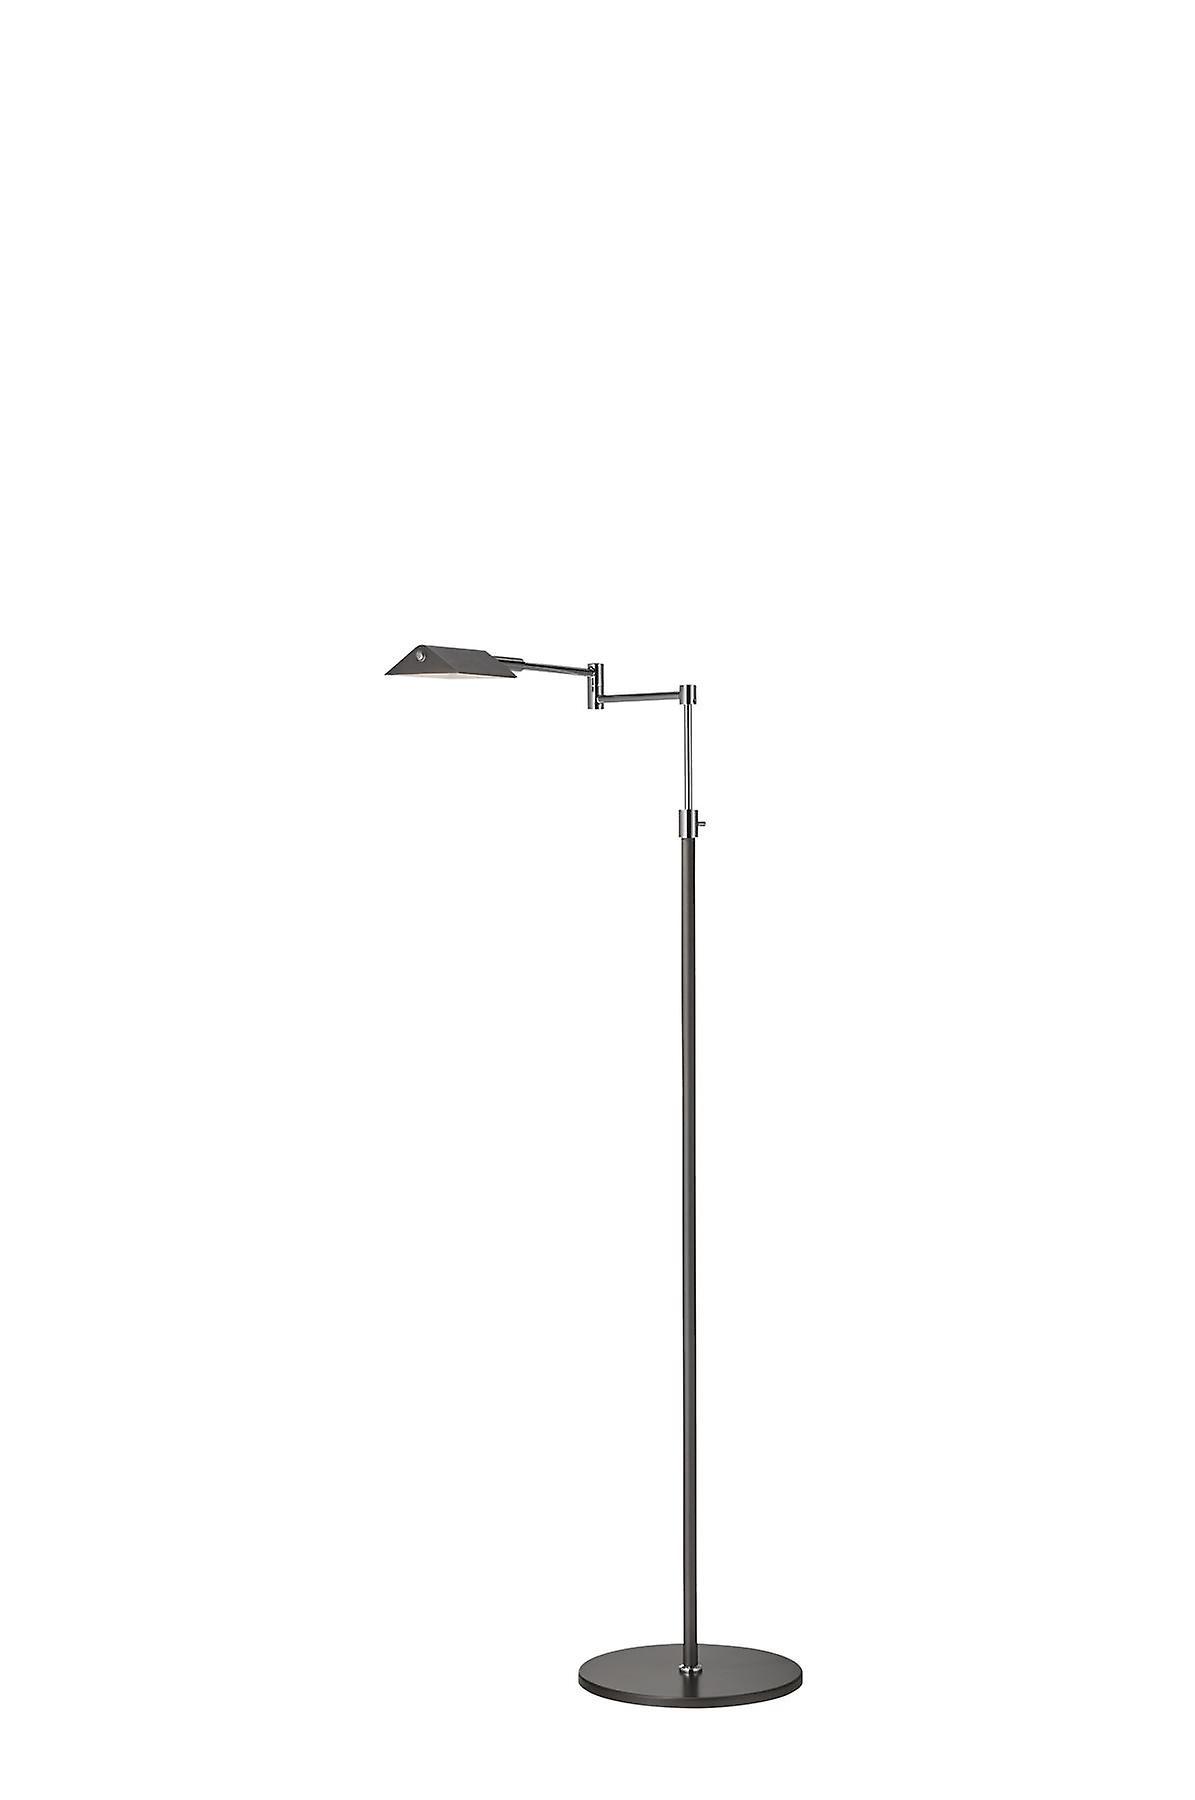 Herstal - Blade LED Floor Lamp Graphite Finish 14052001301